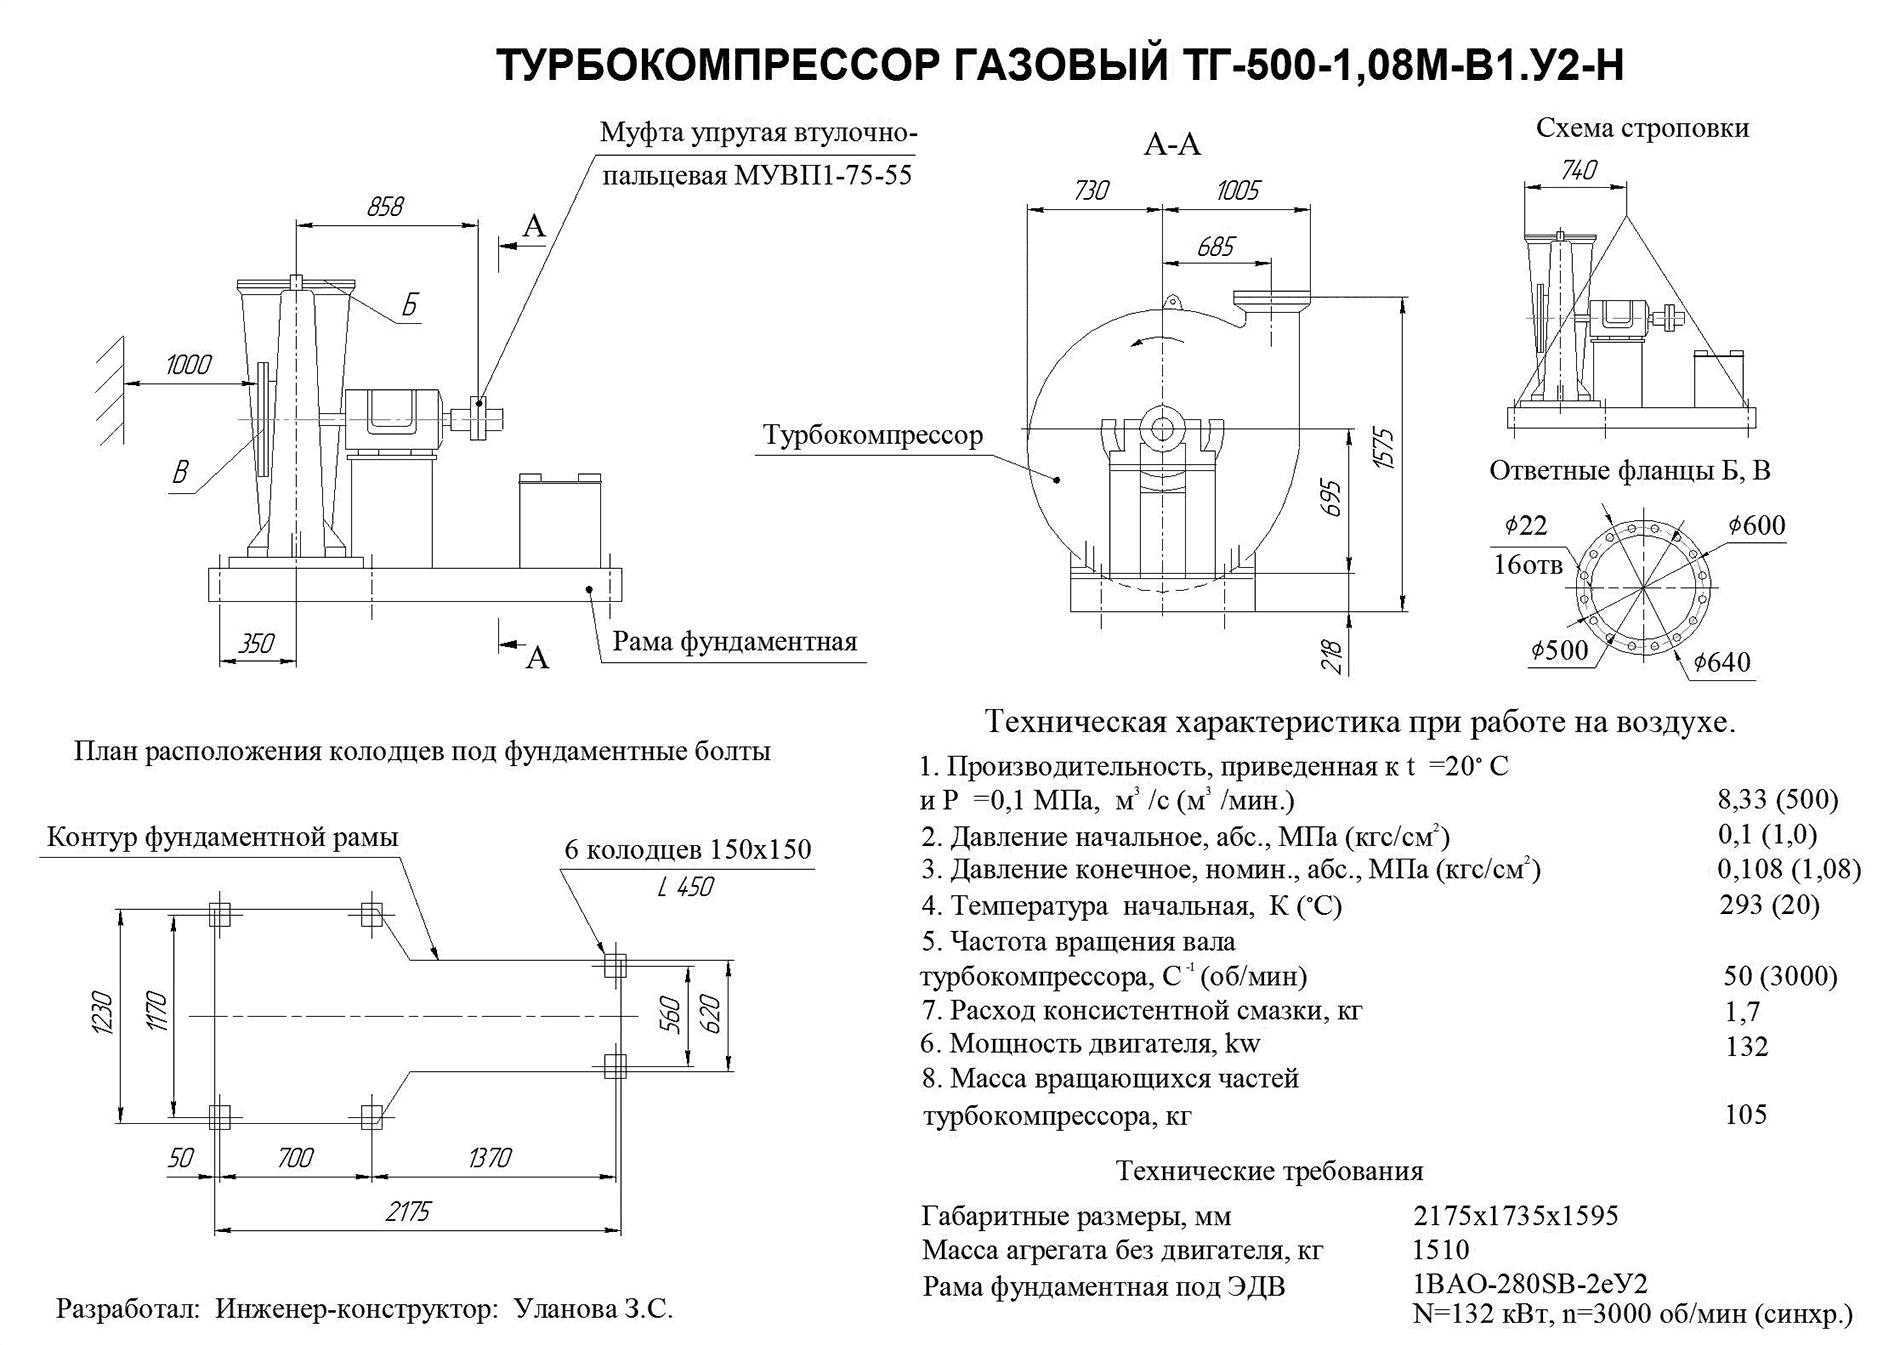 Турбокомпрессор одноступенчатый газовый ТГ-500-1,08